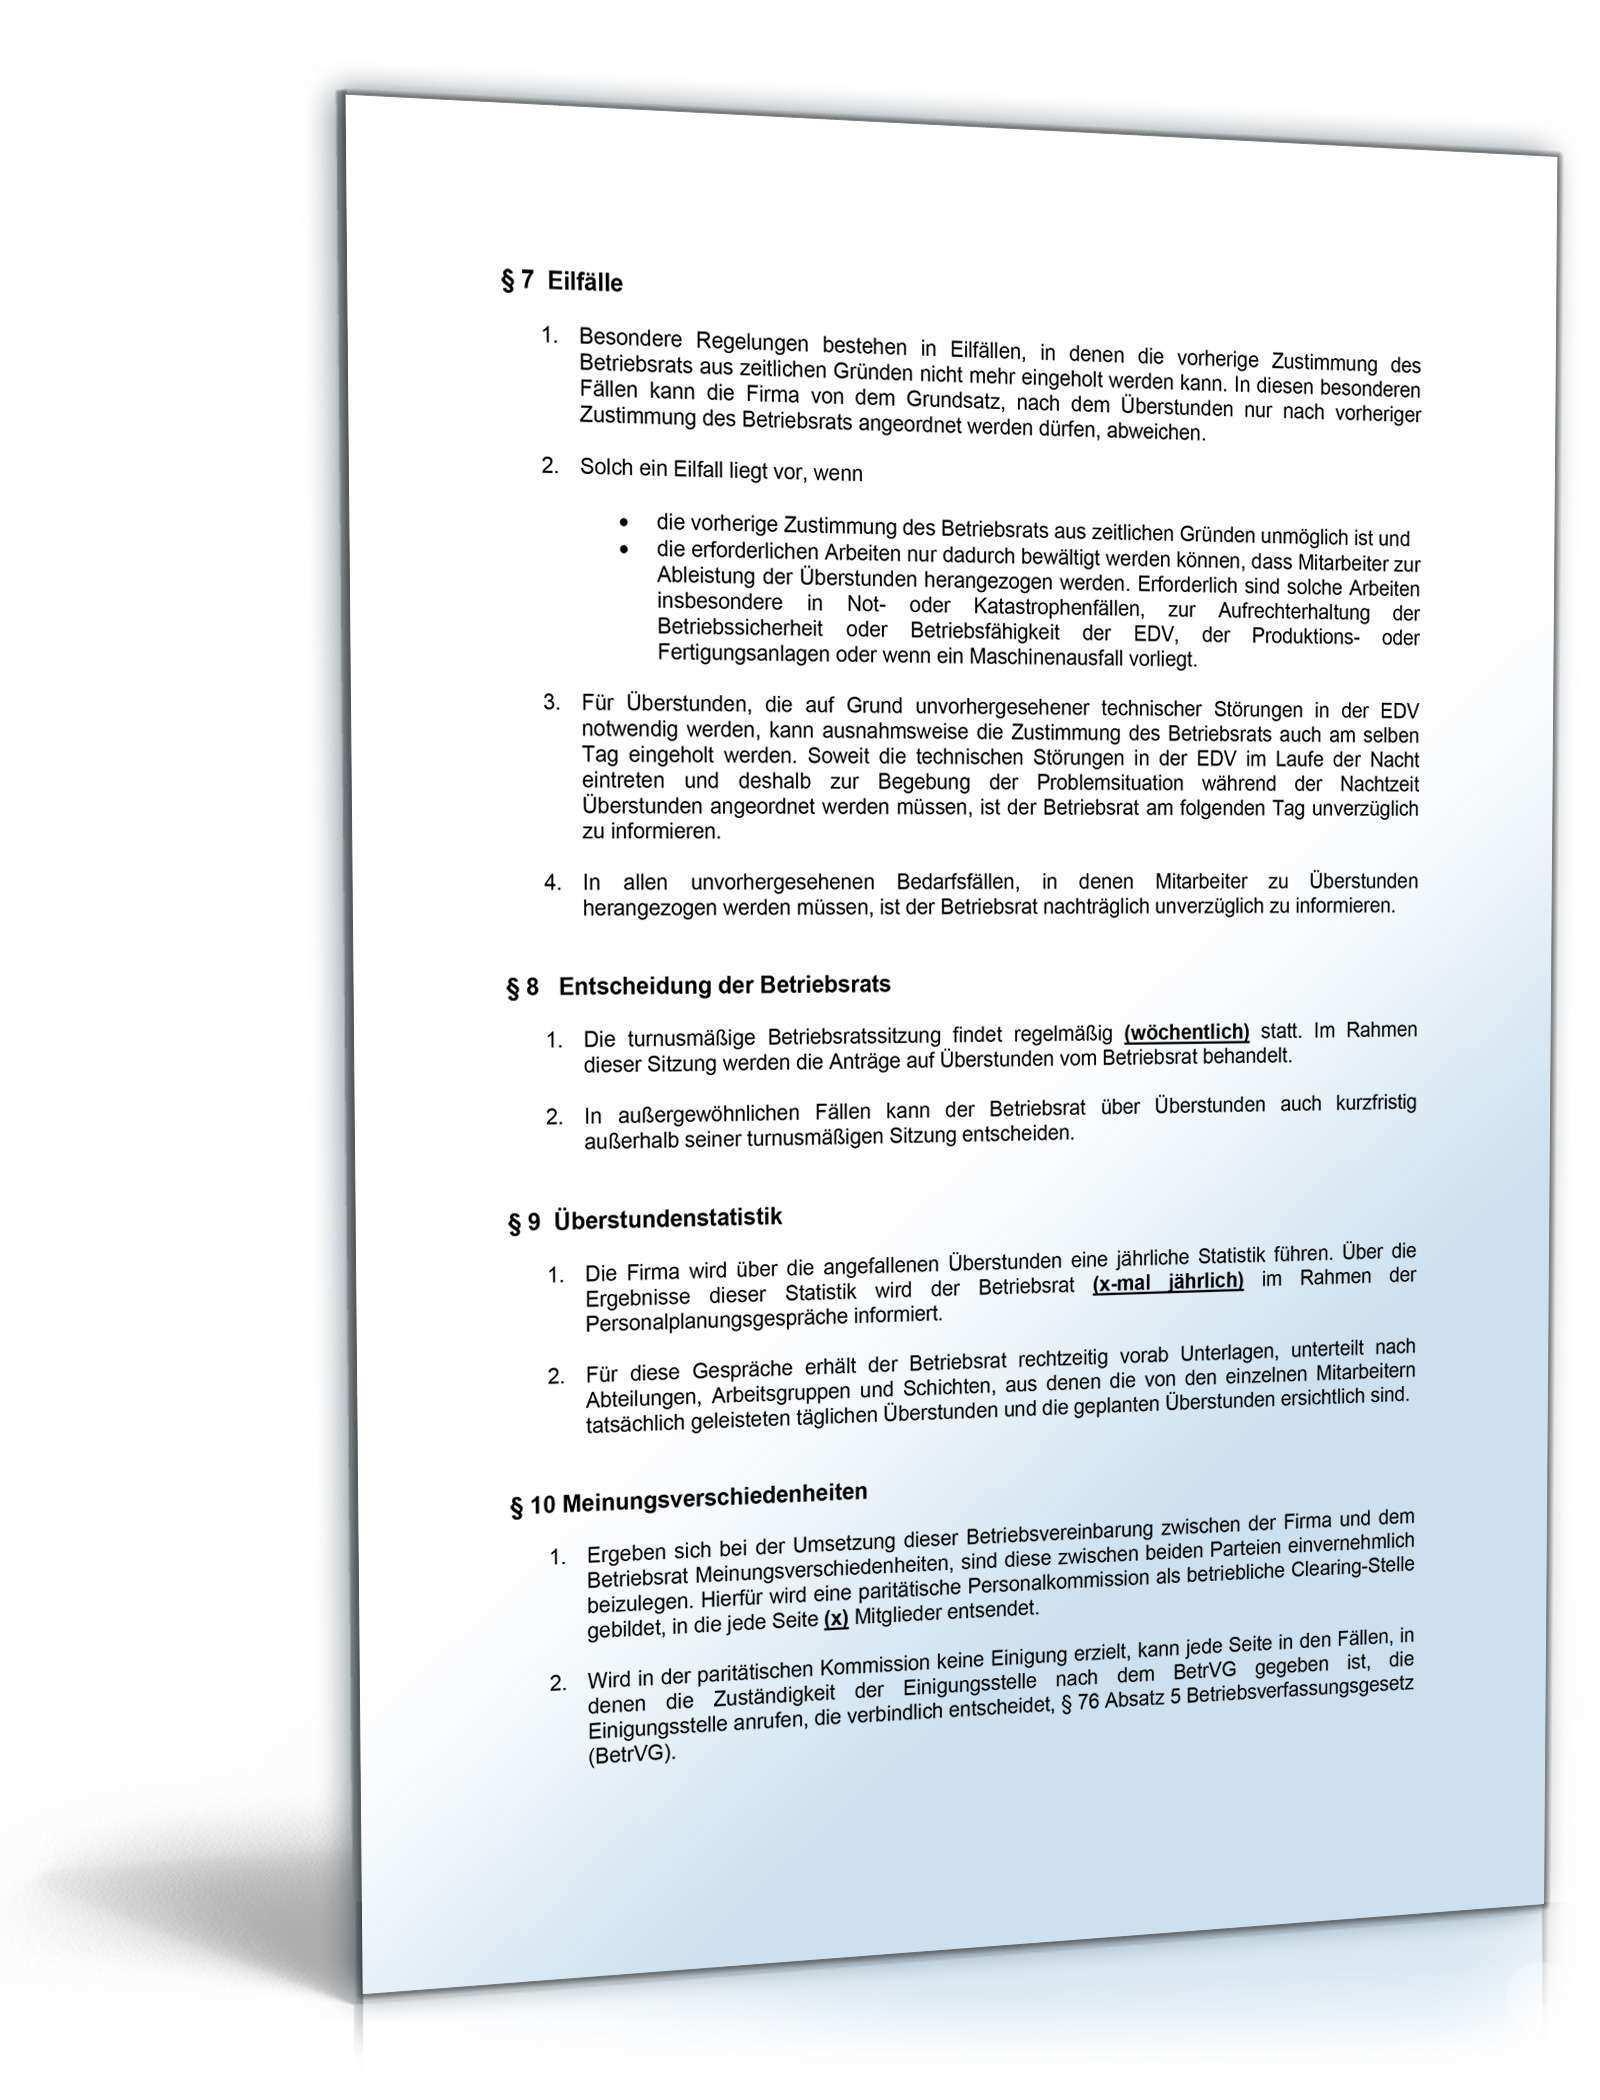 Betriebsvereinbarung Abgeltung Uberstunden Muster Vorlage Zum Dowload